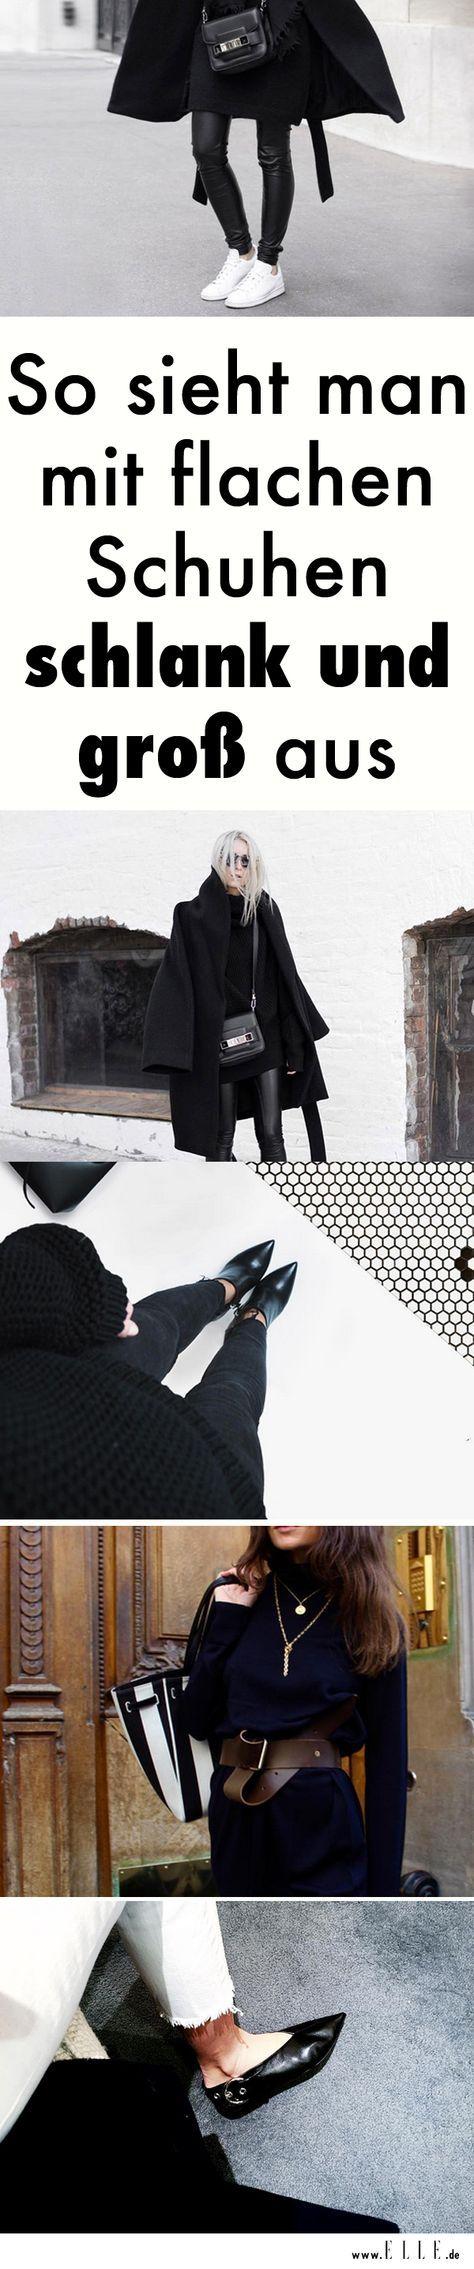 4 Tricks, wie man mit flachen Schuhen schlank und groß aussieht – Sonja Huber